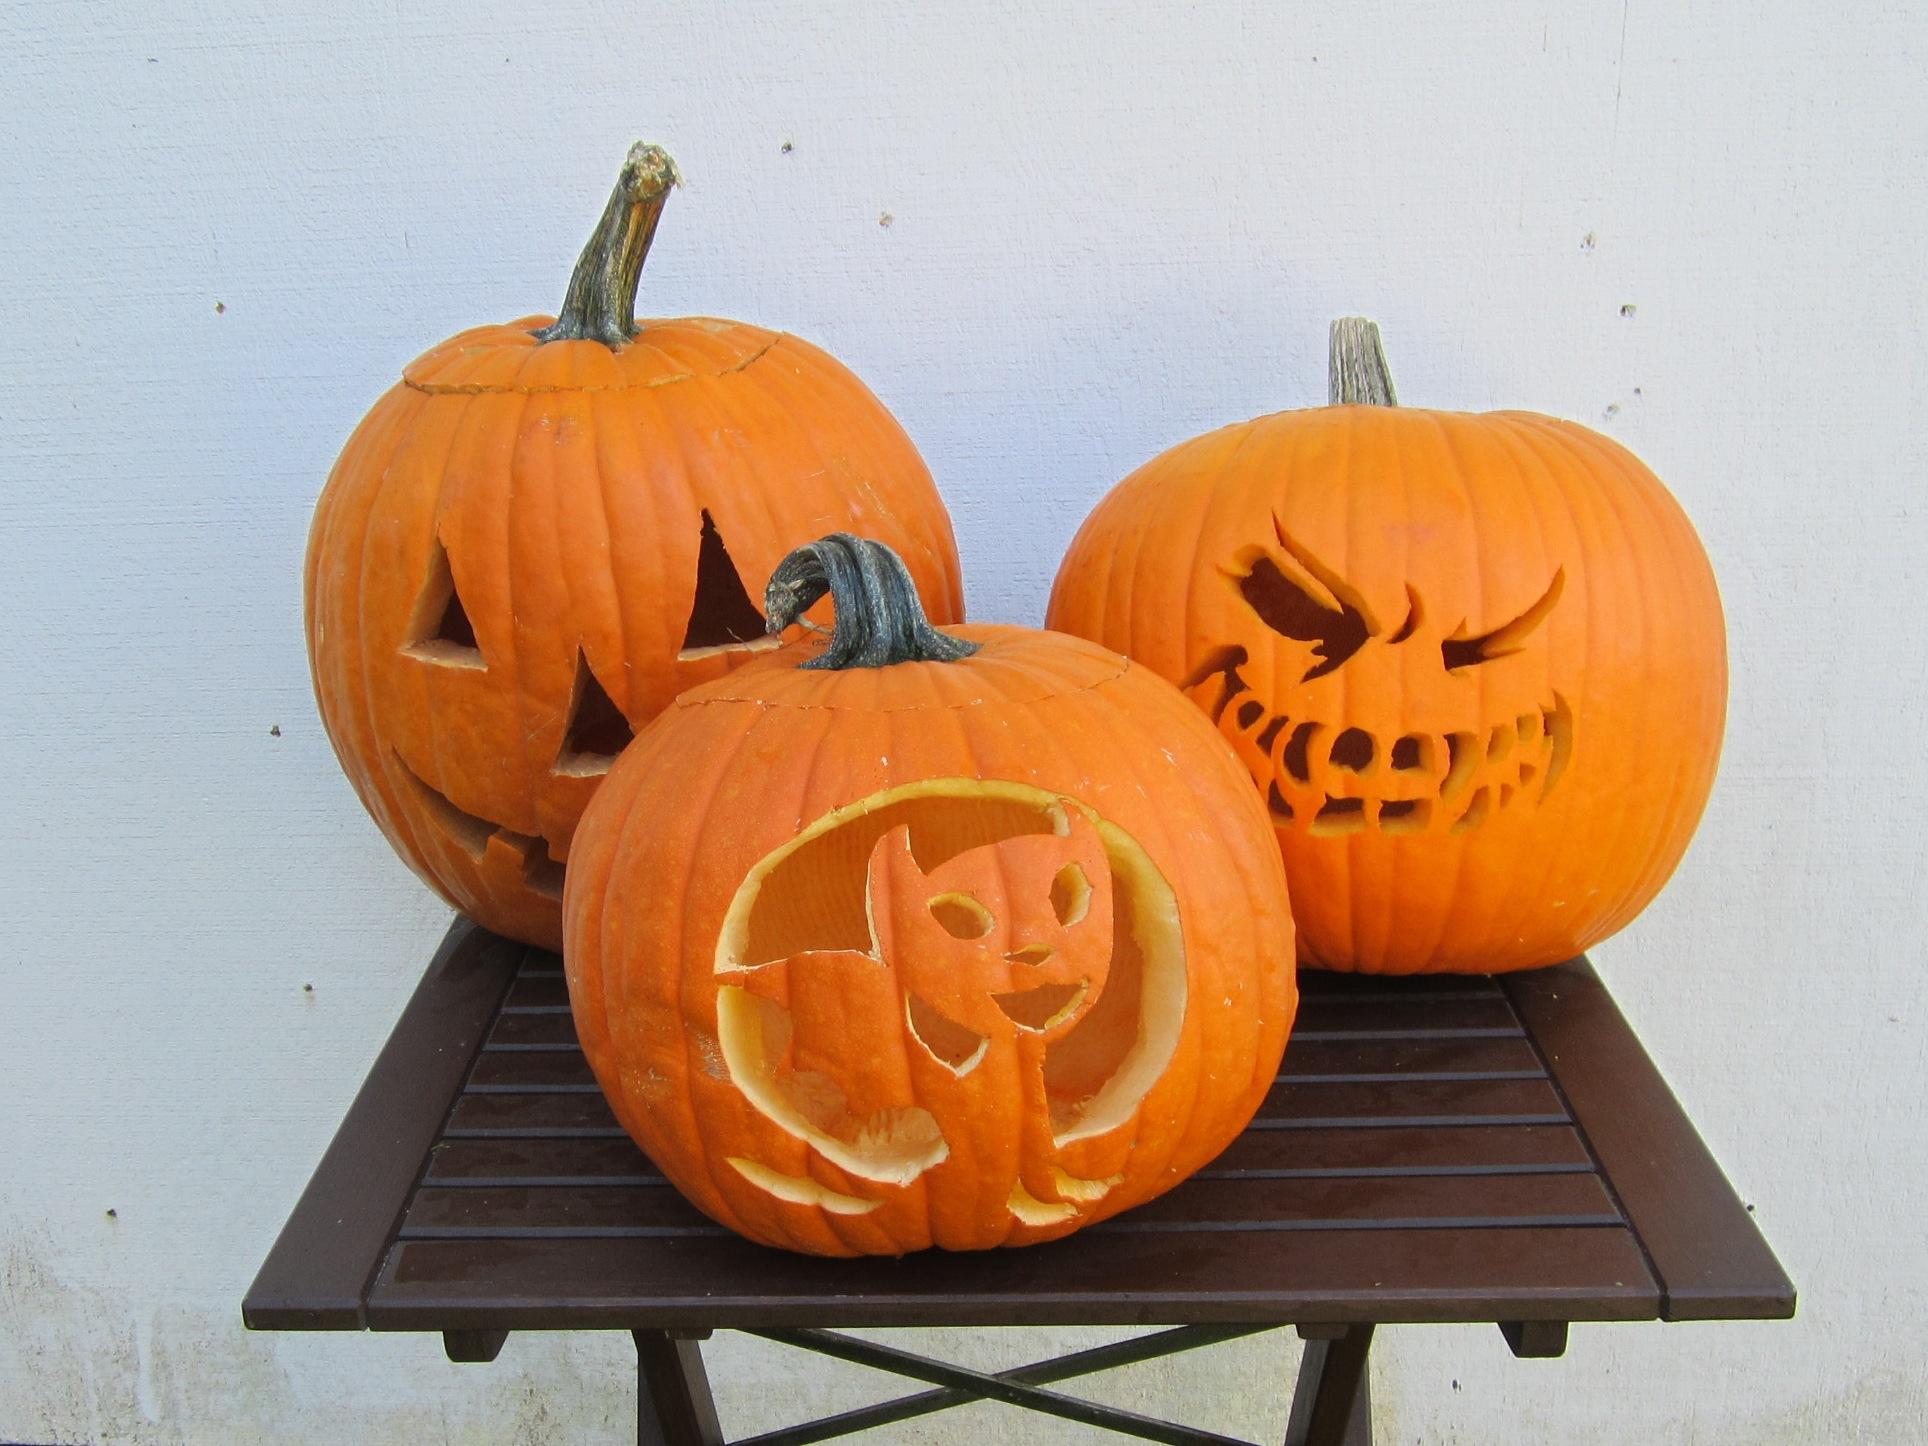 2011年ハロウィーンの反省 かぼちゃ彫りの裏技公開!